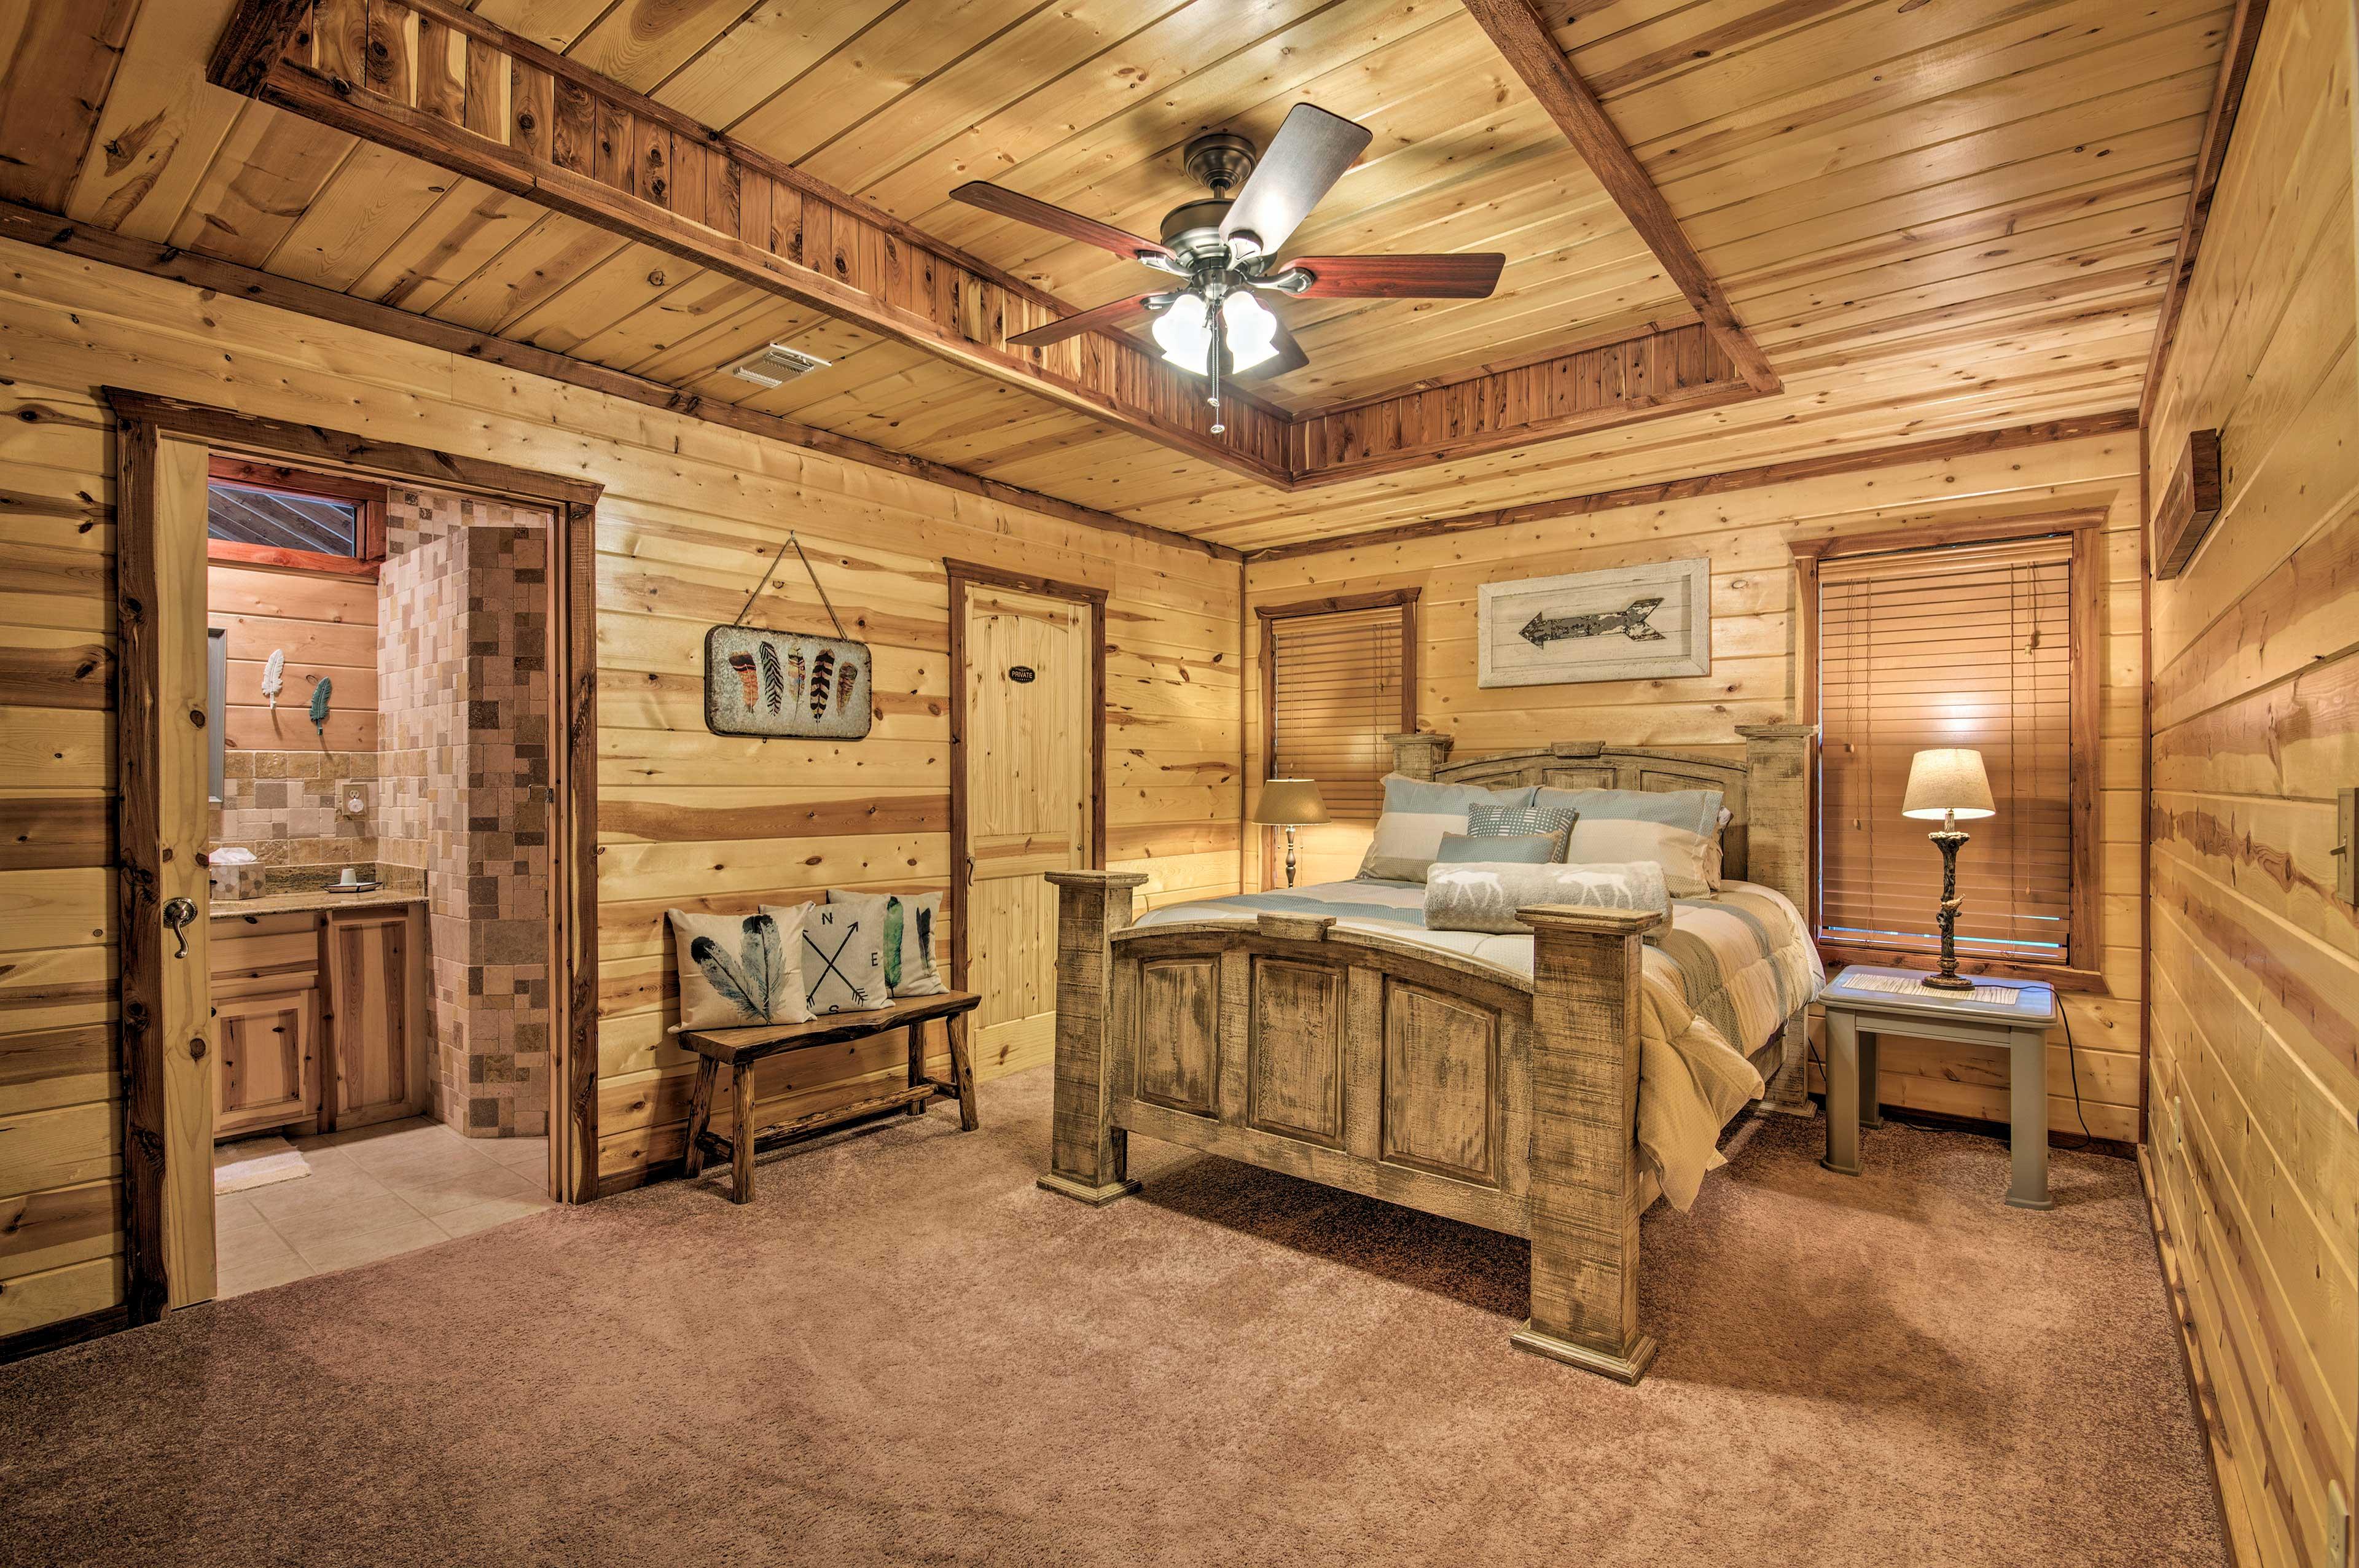 The second bedroom features a cozy queen bed, plus an en-suite bathroom.